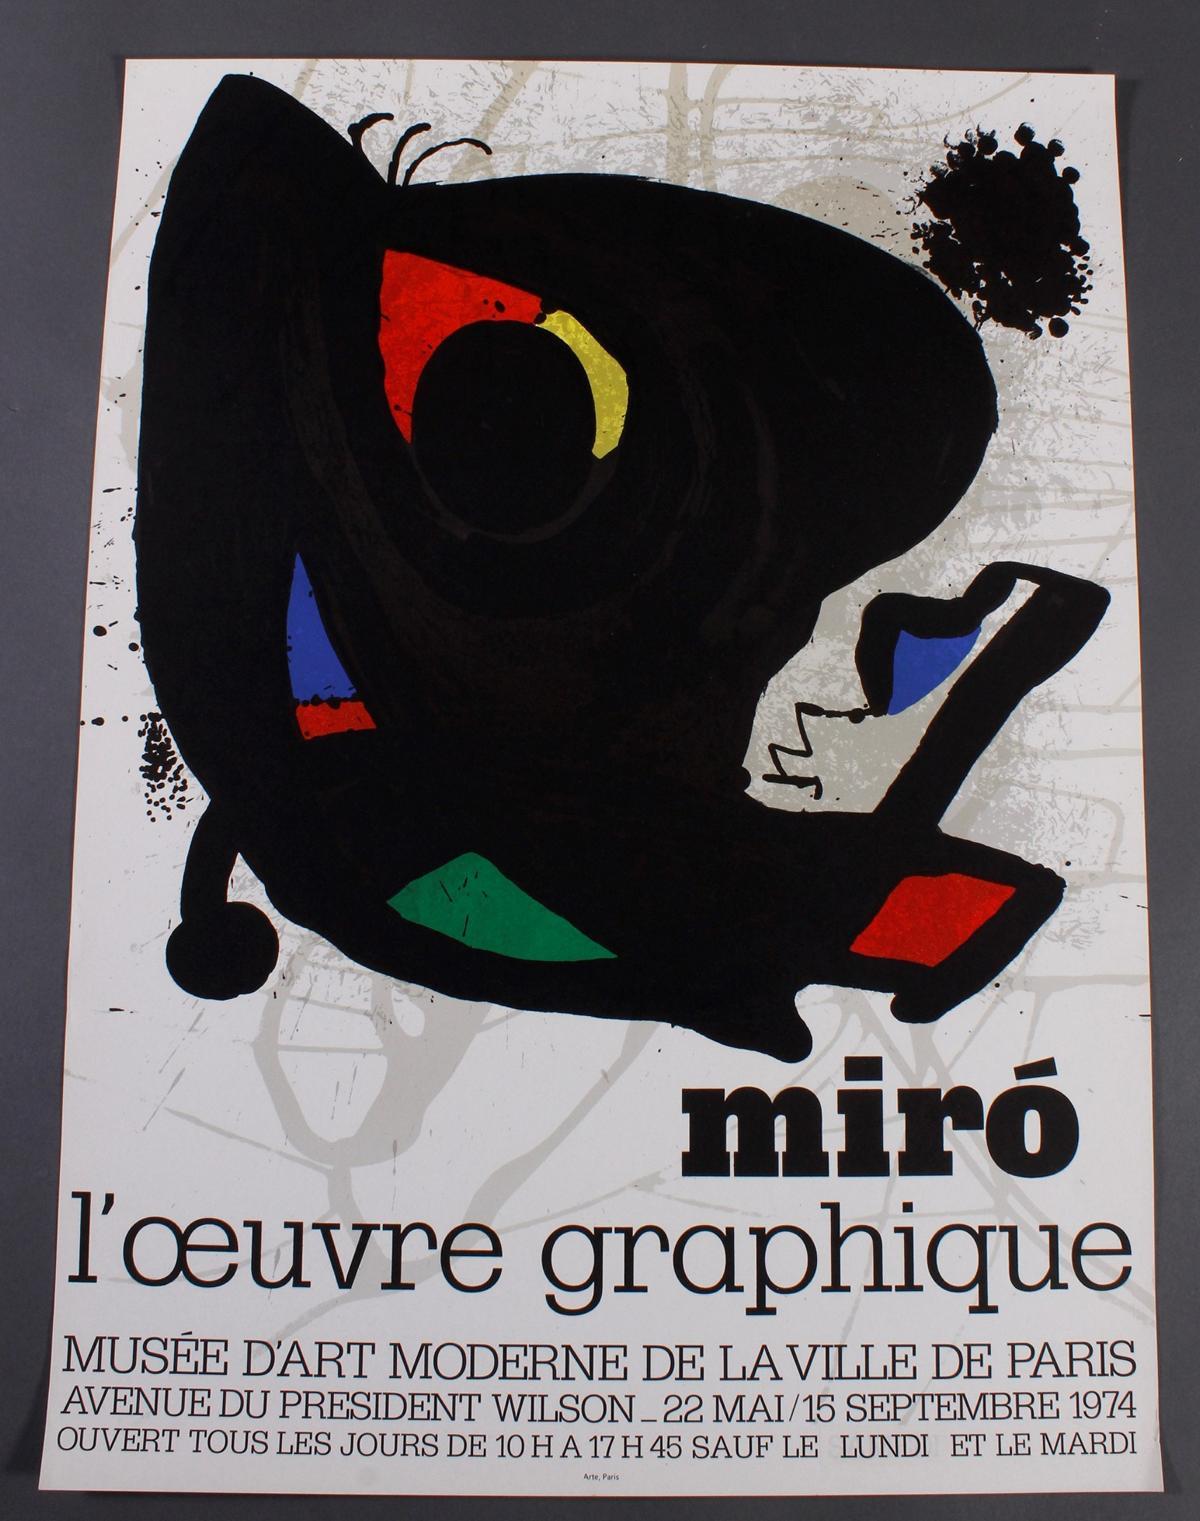 Joan Miro Plakat 'l'oeuvre graphique', Paris 1974